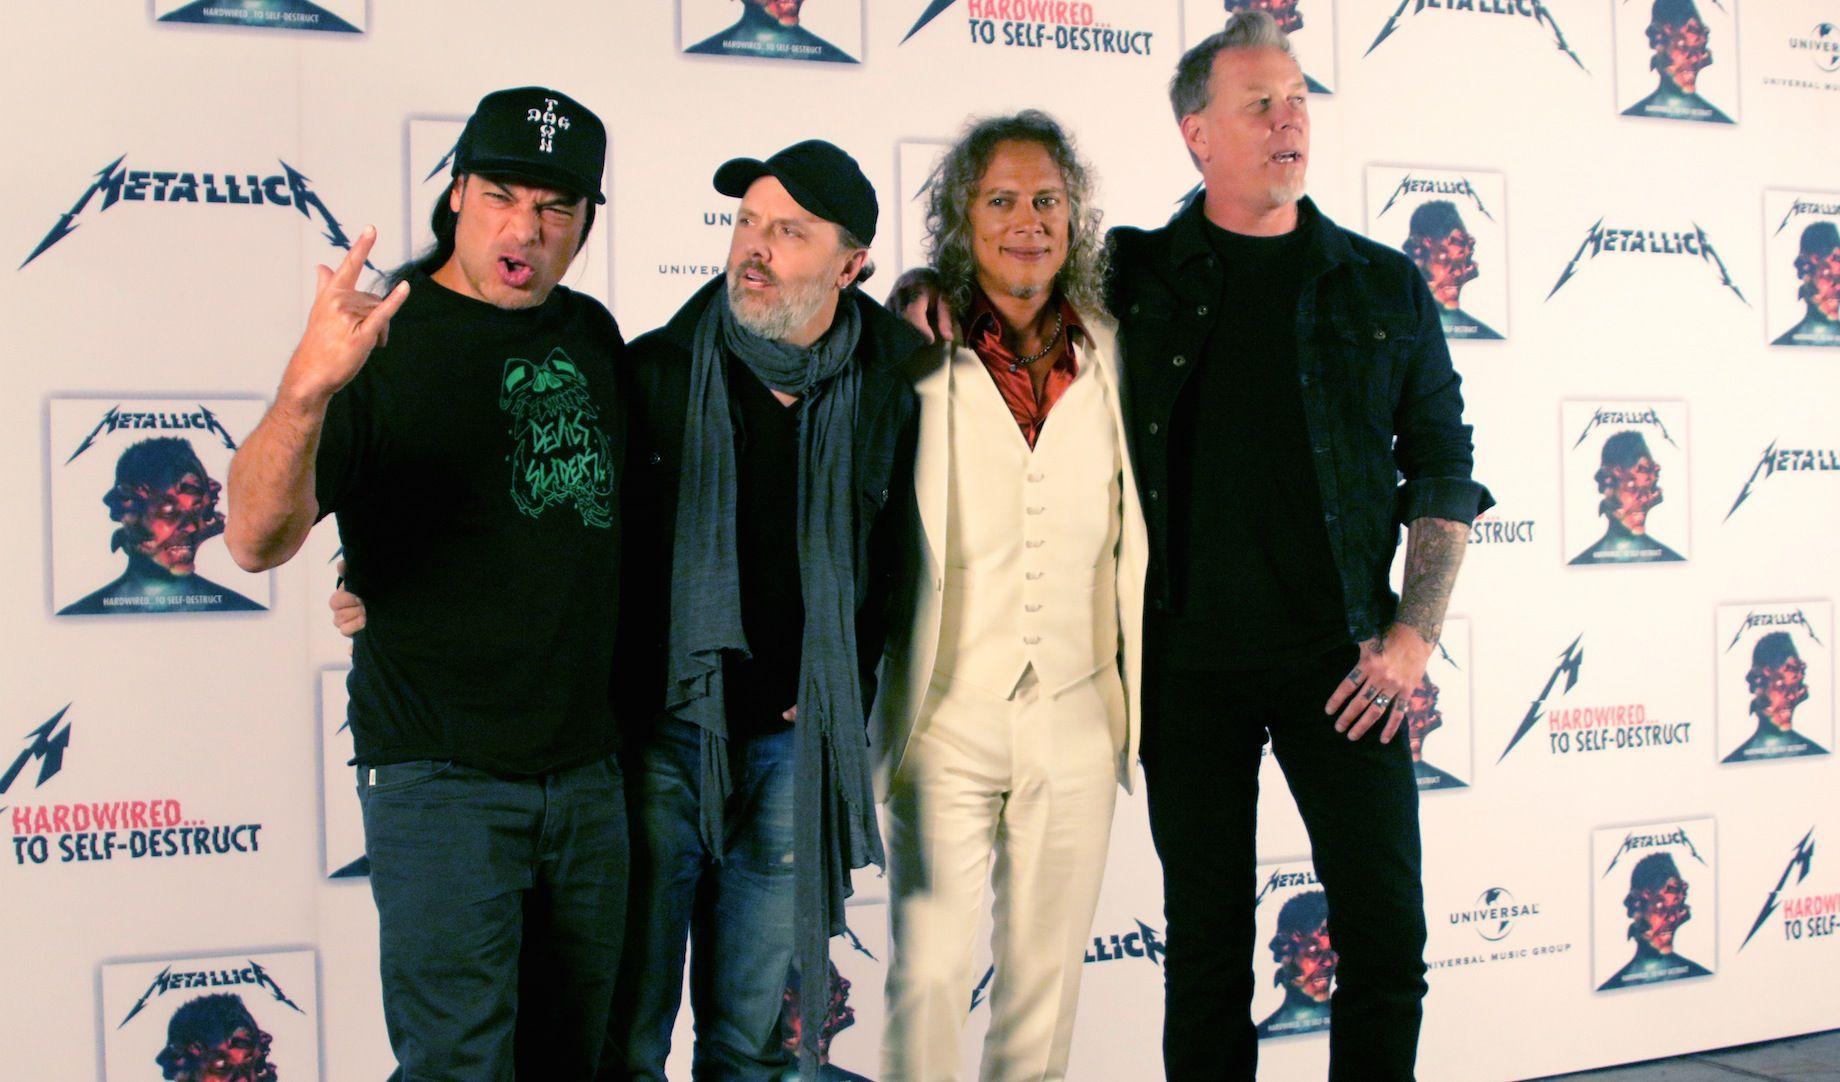 Metallica Mexico Fans